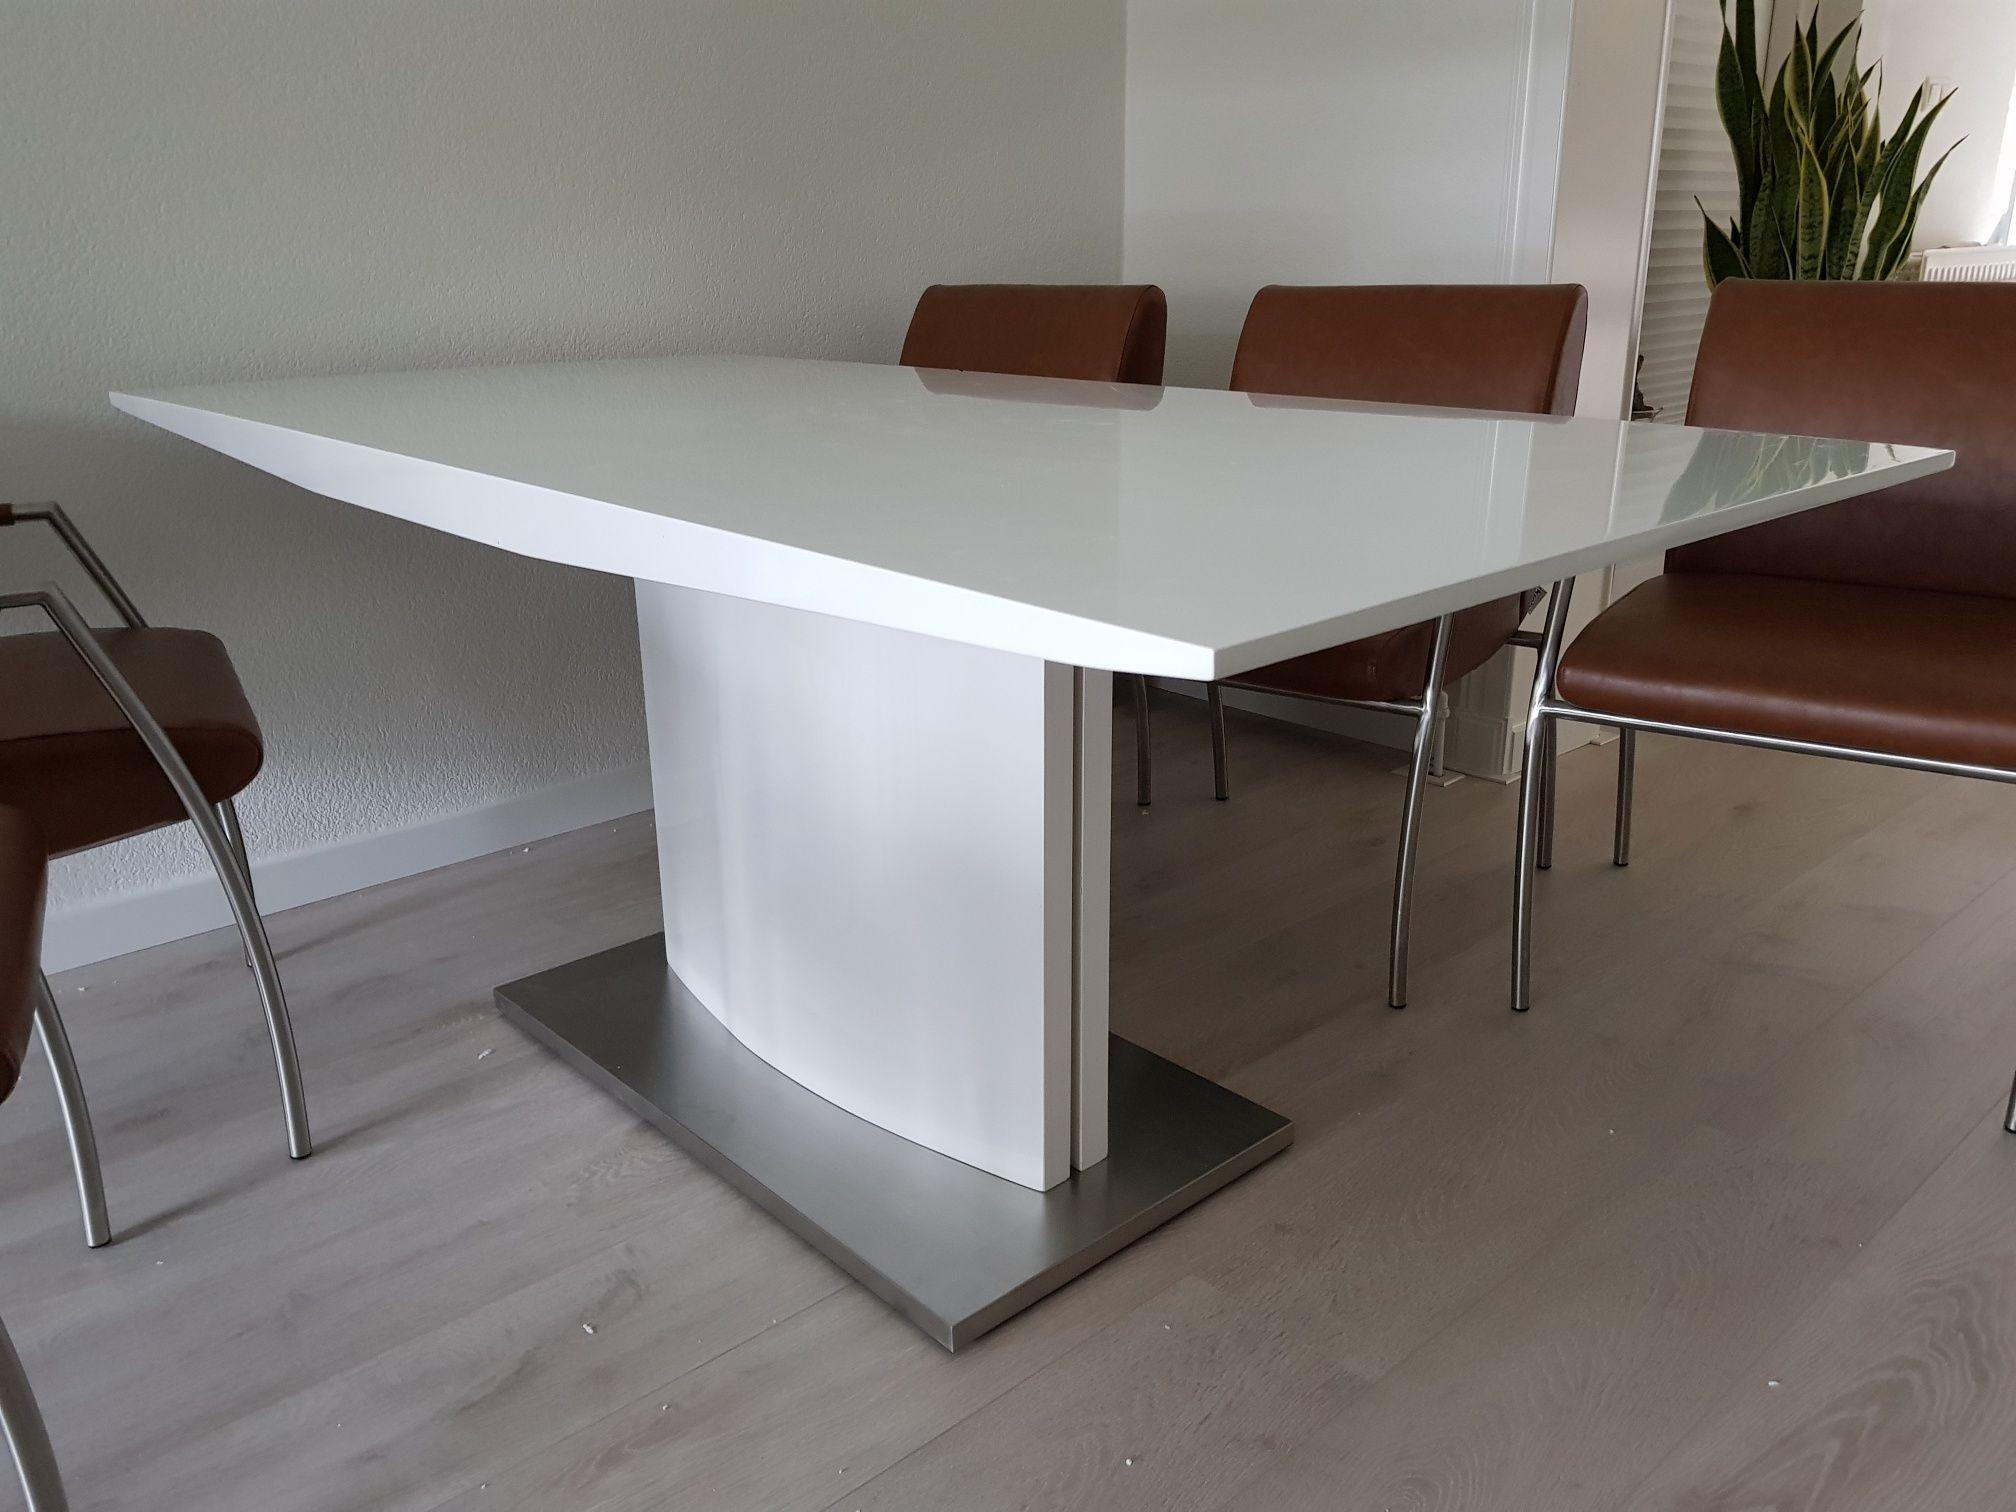 Moderne Witte Eettafel.Moderne Hoogglans Witte Eettafel Gecombineerd Met Een Rvs